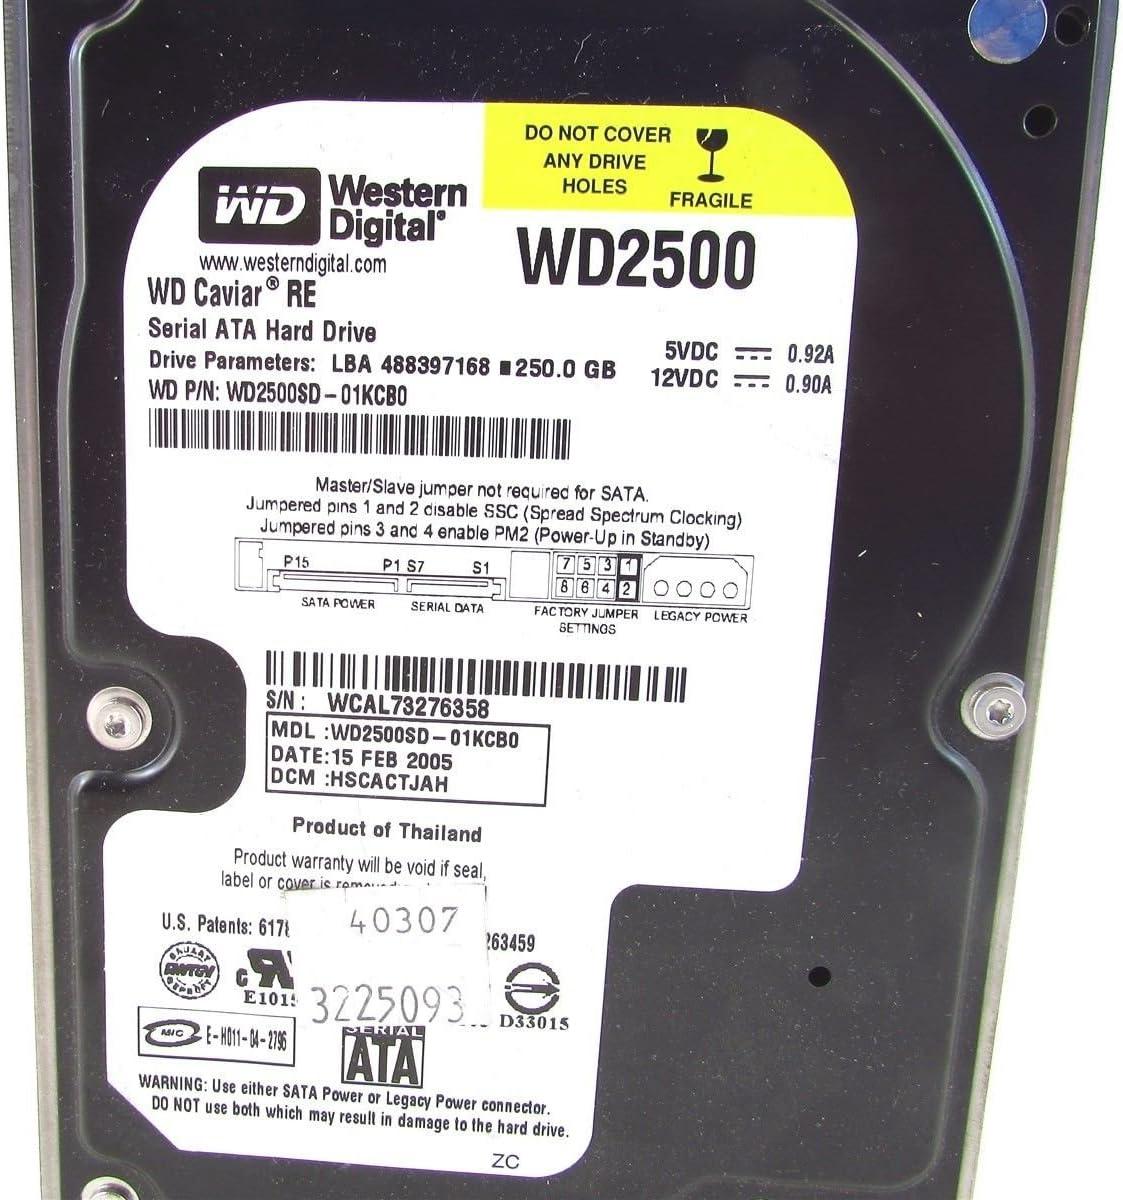 HSBHCTJAH WD Caviar SE WD2500SD-01KCB0 250GB SATA Hard Drive